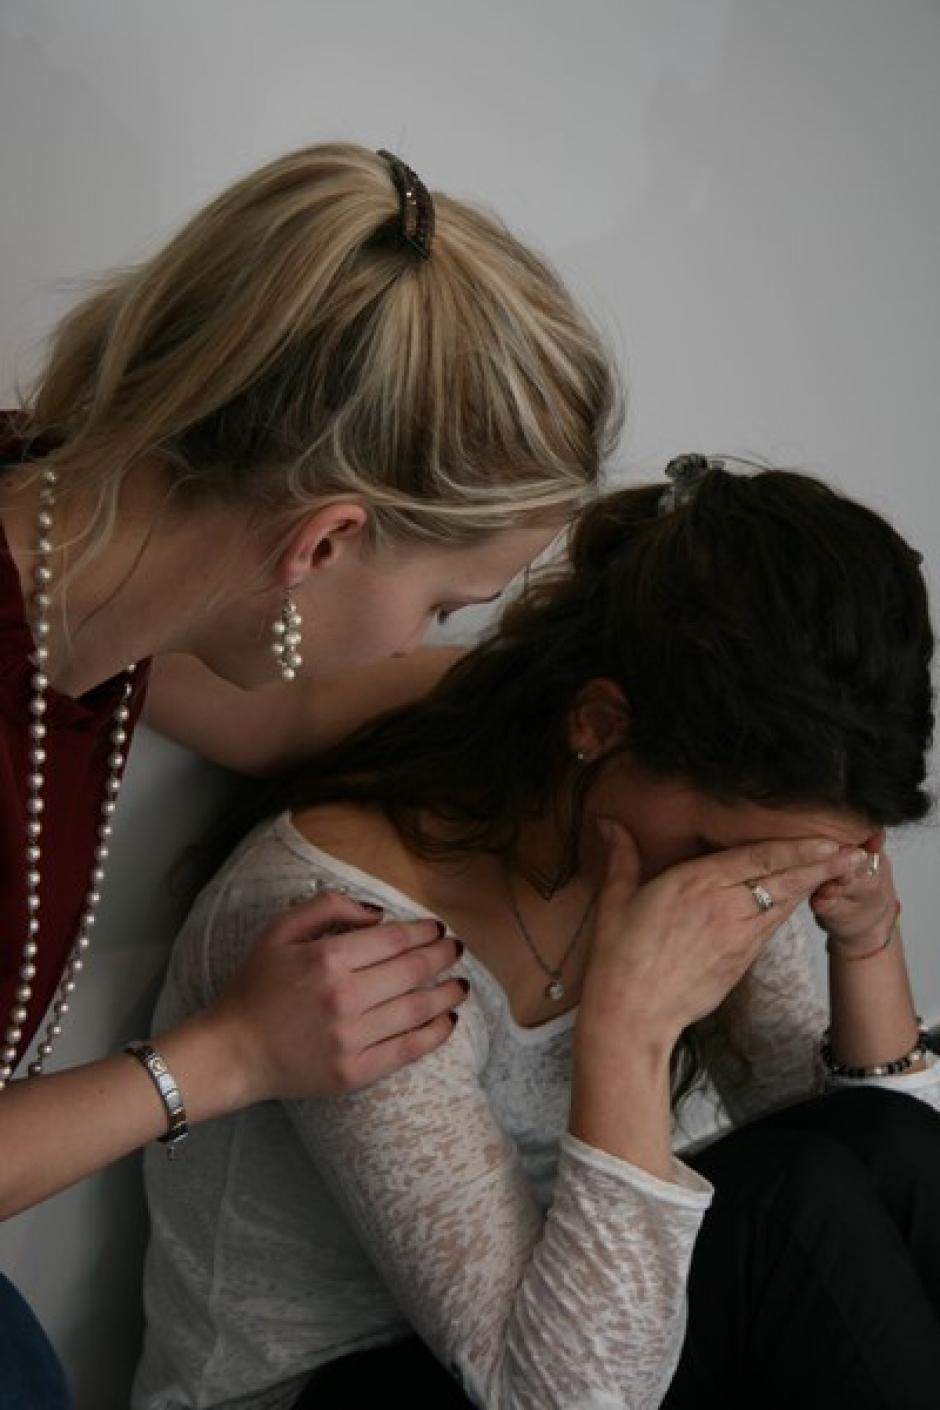 Een vrouw zit met haar hoofd in haar handen. Een andere vrouw troost haar.